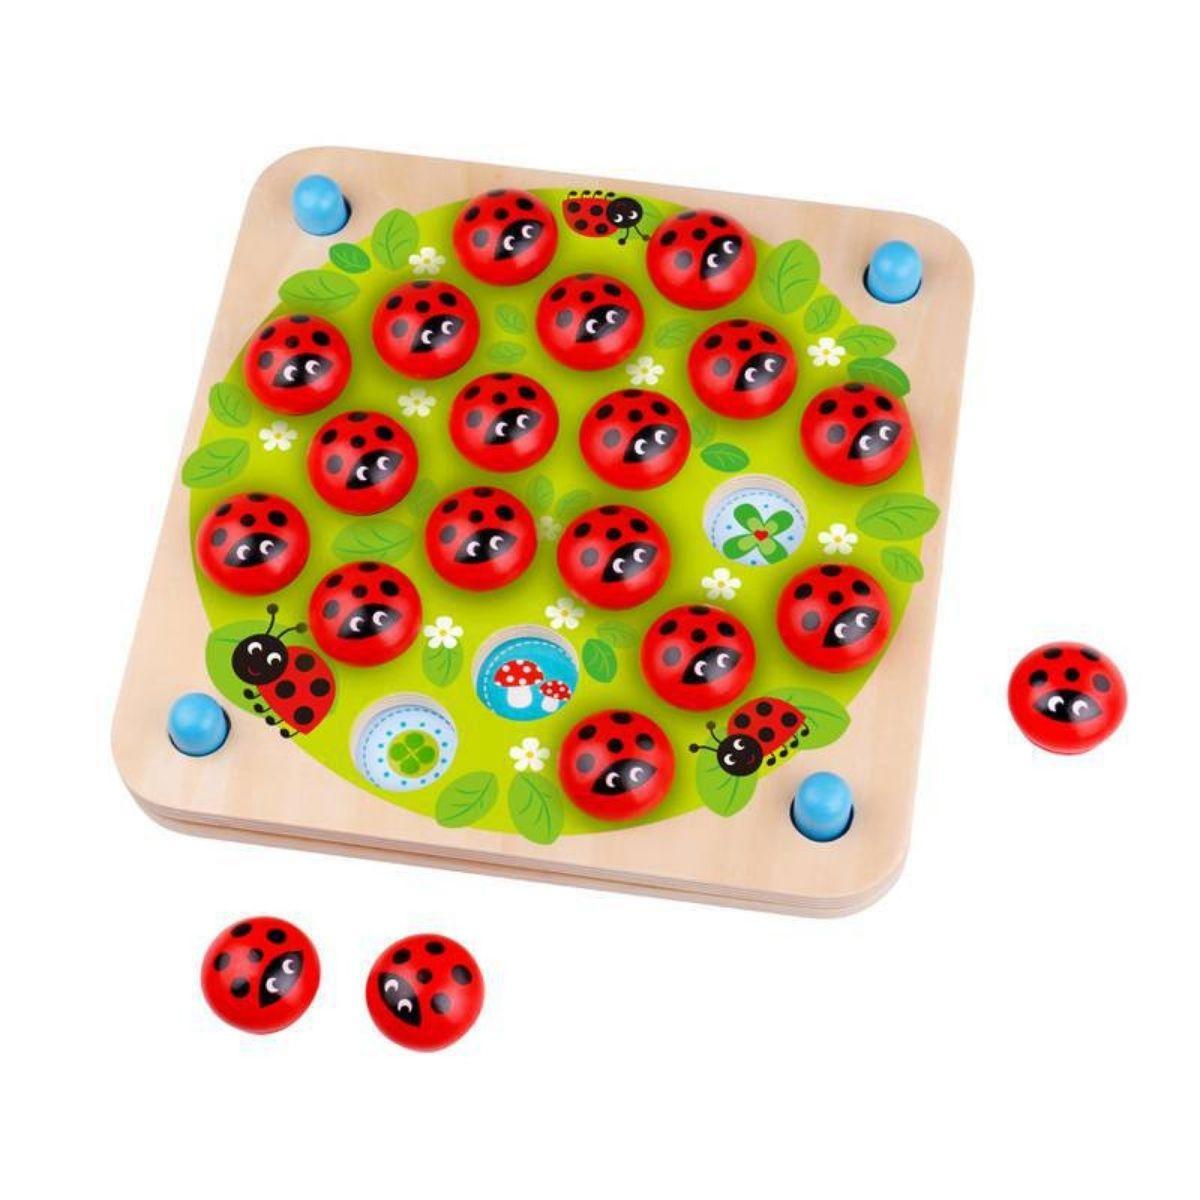 Jogo Da Memória Joaninha  Brinquedo Educativo 10 Cards